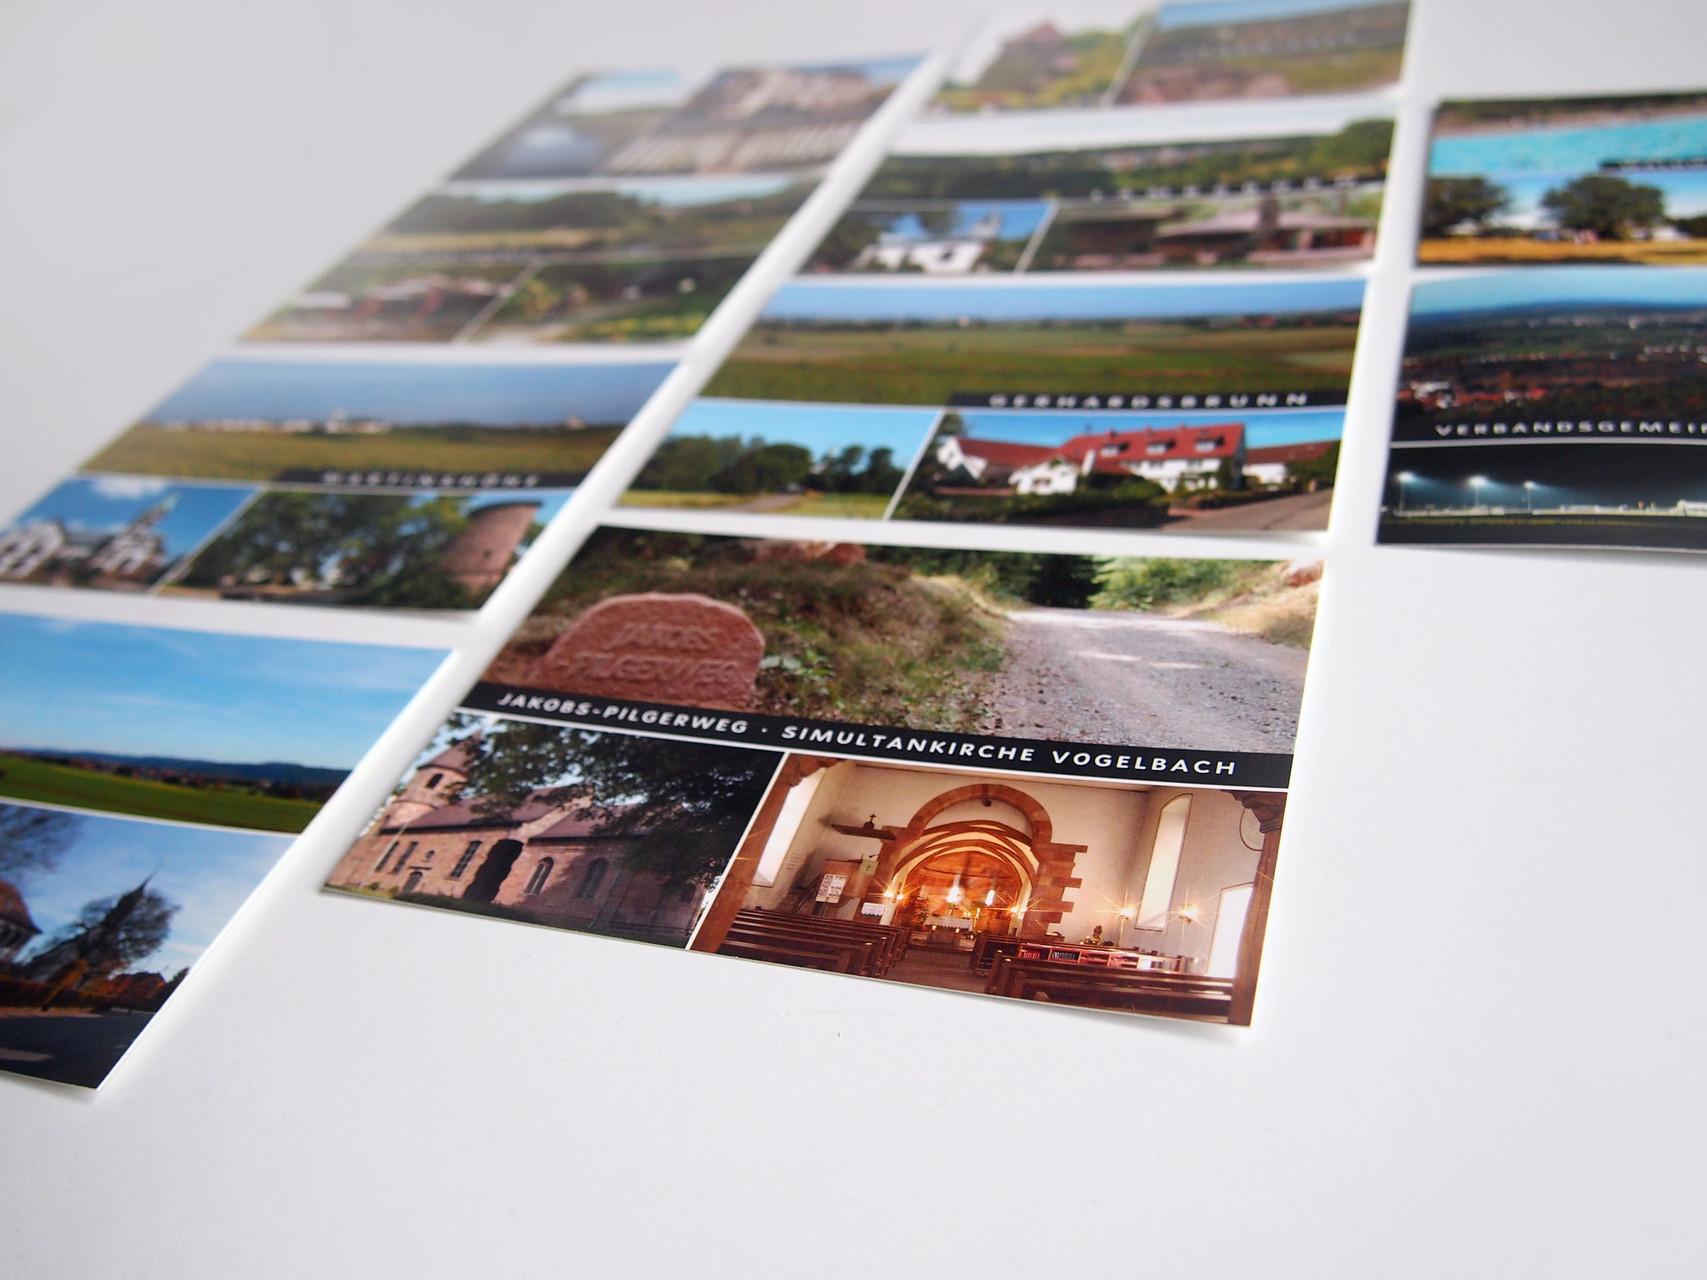 Postkartenserie für eine Verbandsgemeinde